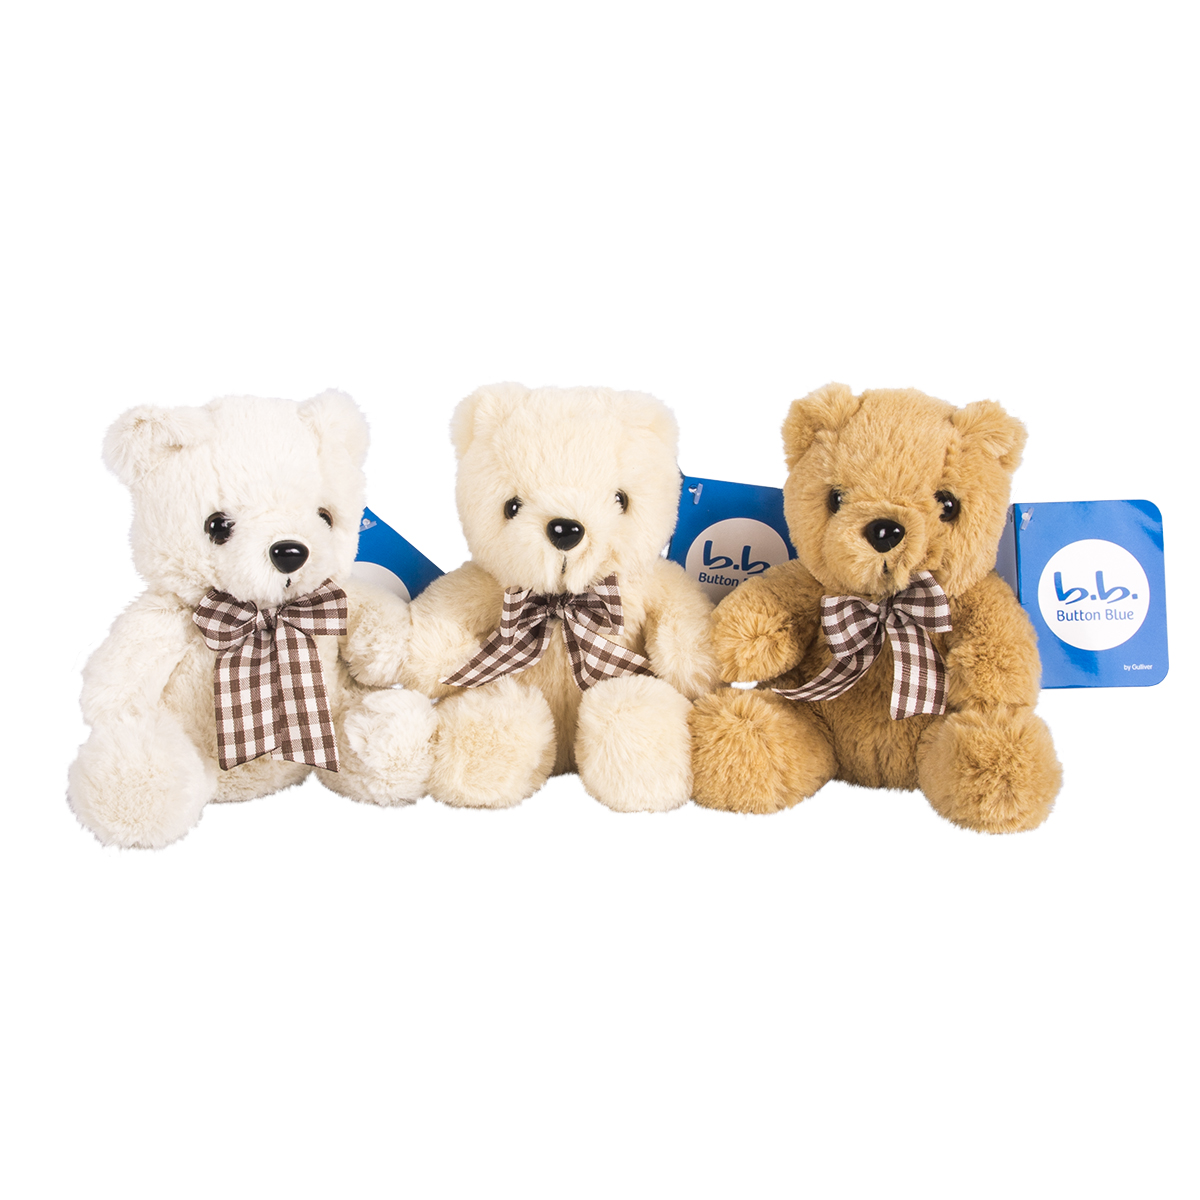 Купить 40-HD51704E-15, Мишки Button Blue с бантами в асс-те, 15 см, Button Blue мягкая игрушка (shop: GulliverMarket Gulliver Market)